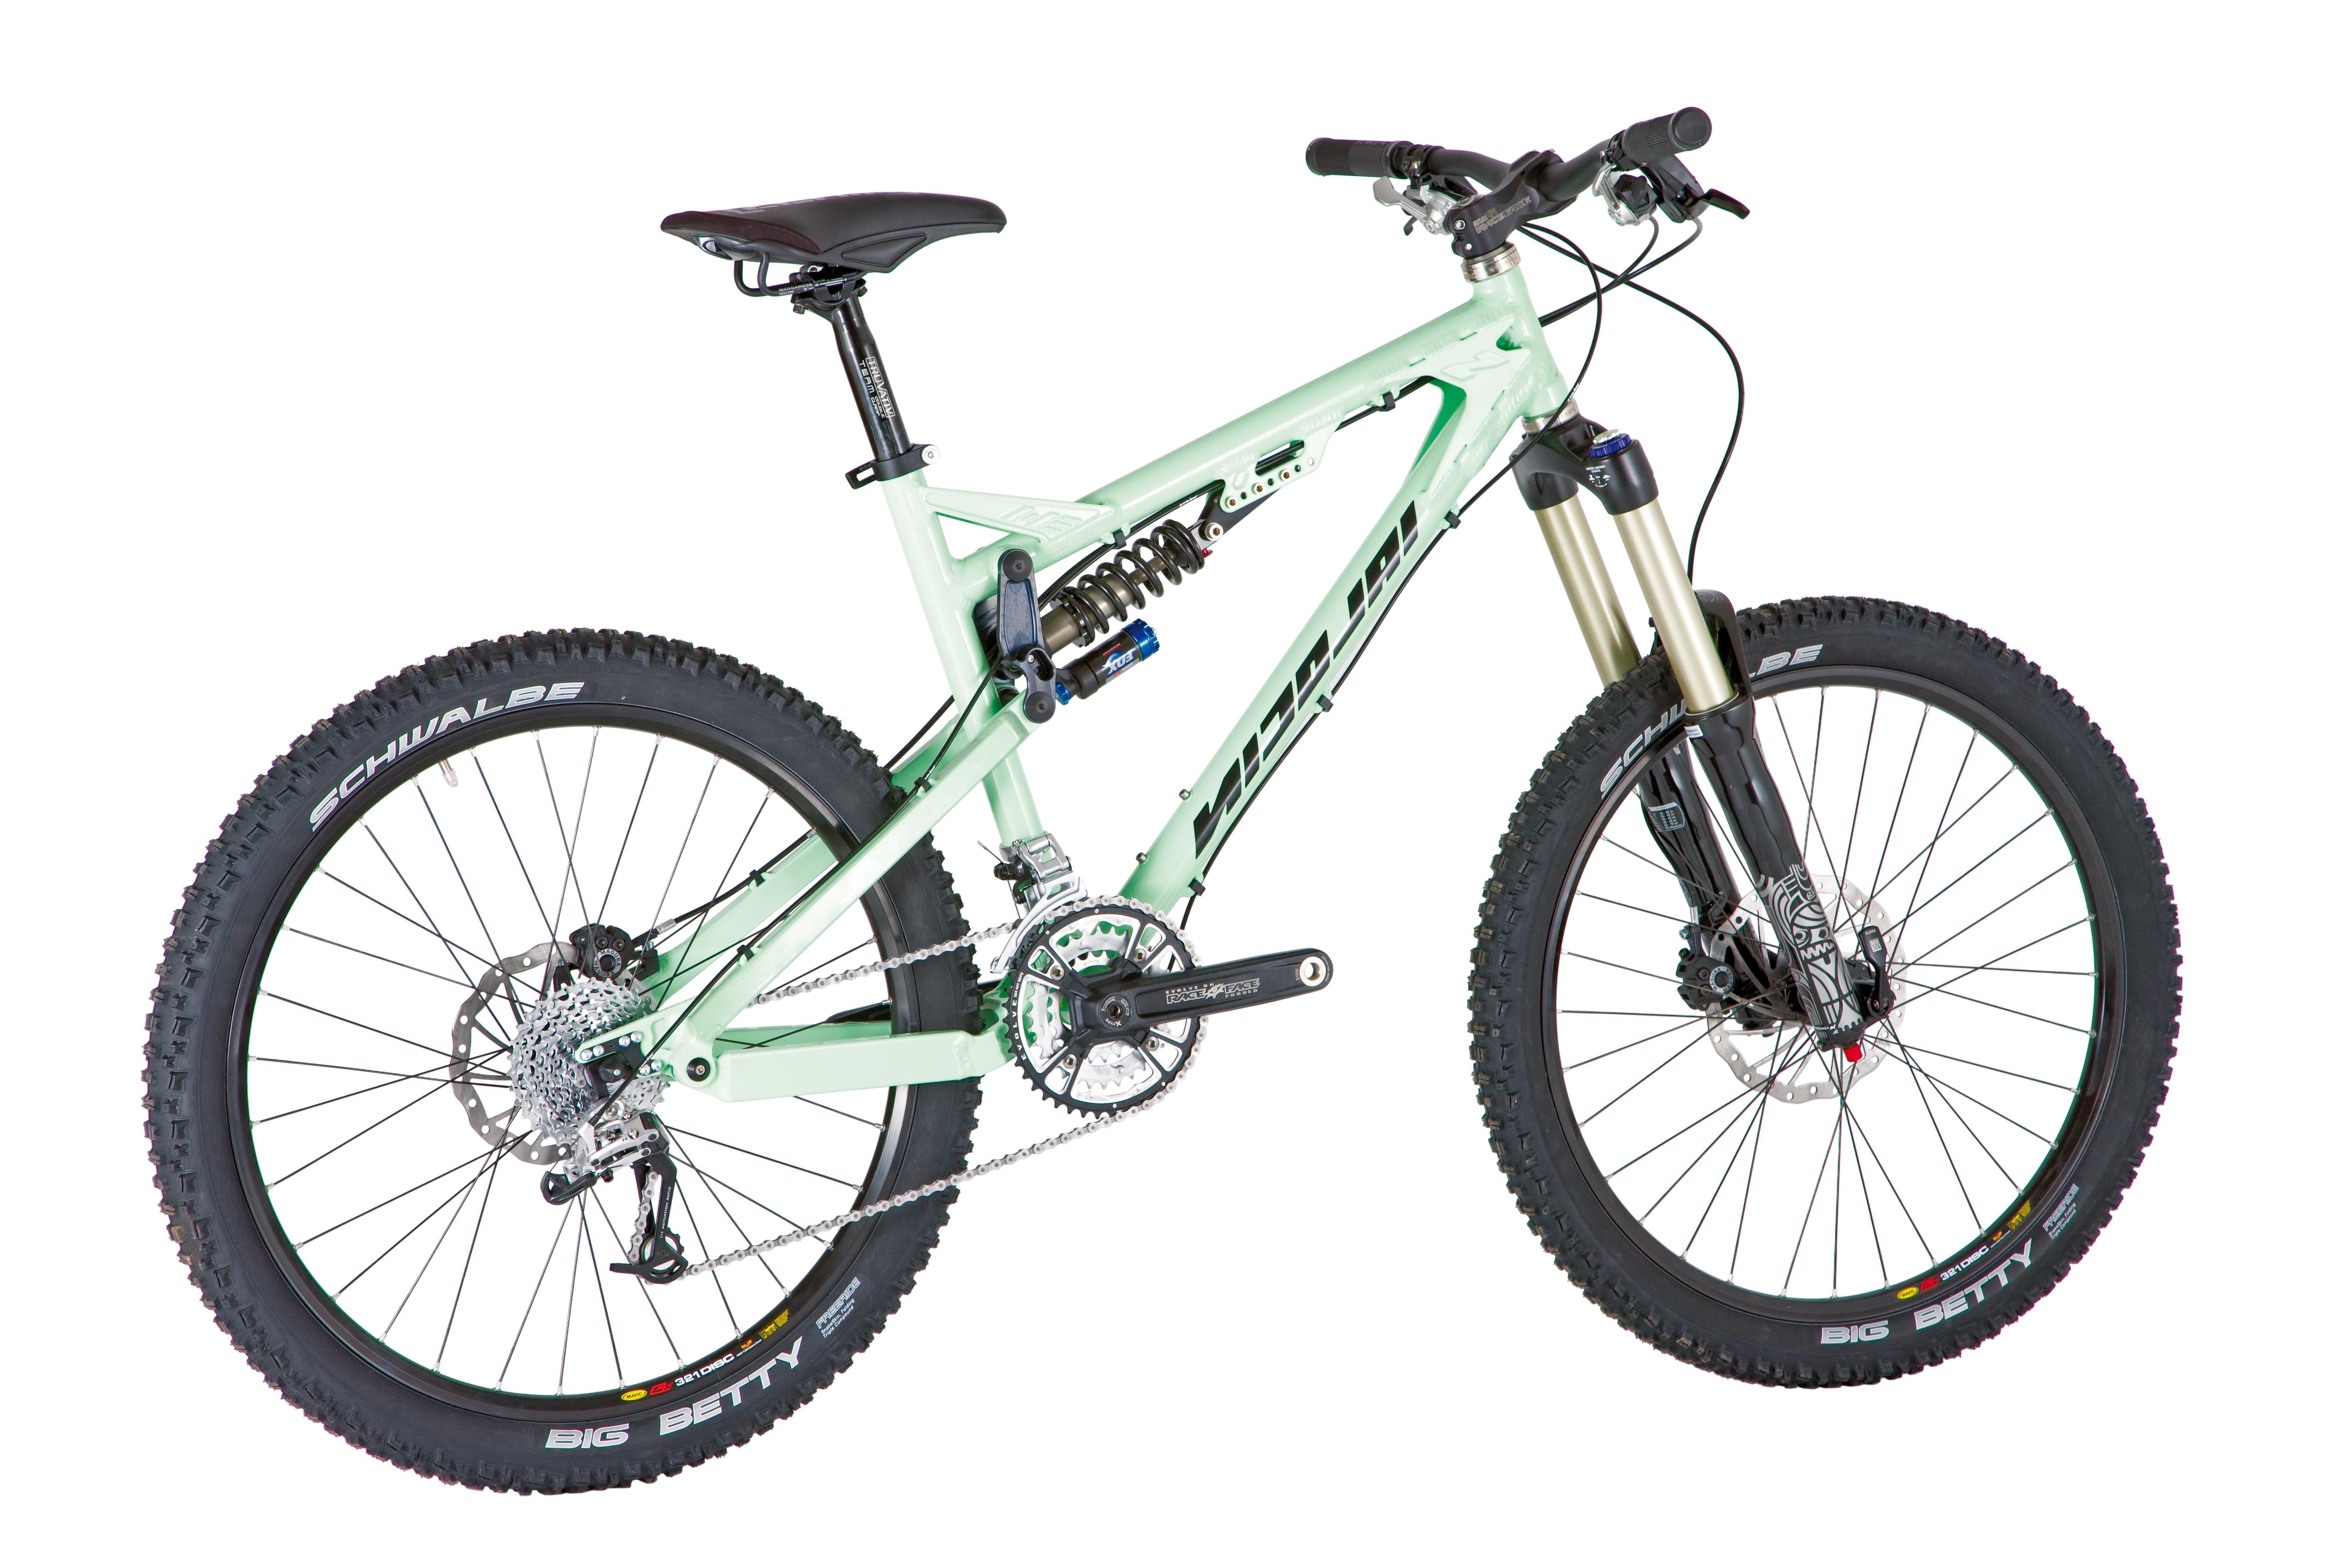 NICOLAI Gesellschaft für Zweirad und Maschinenbau mbH